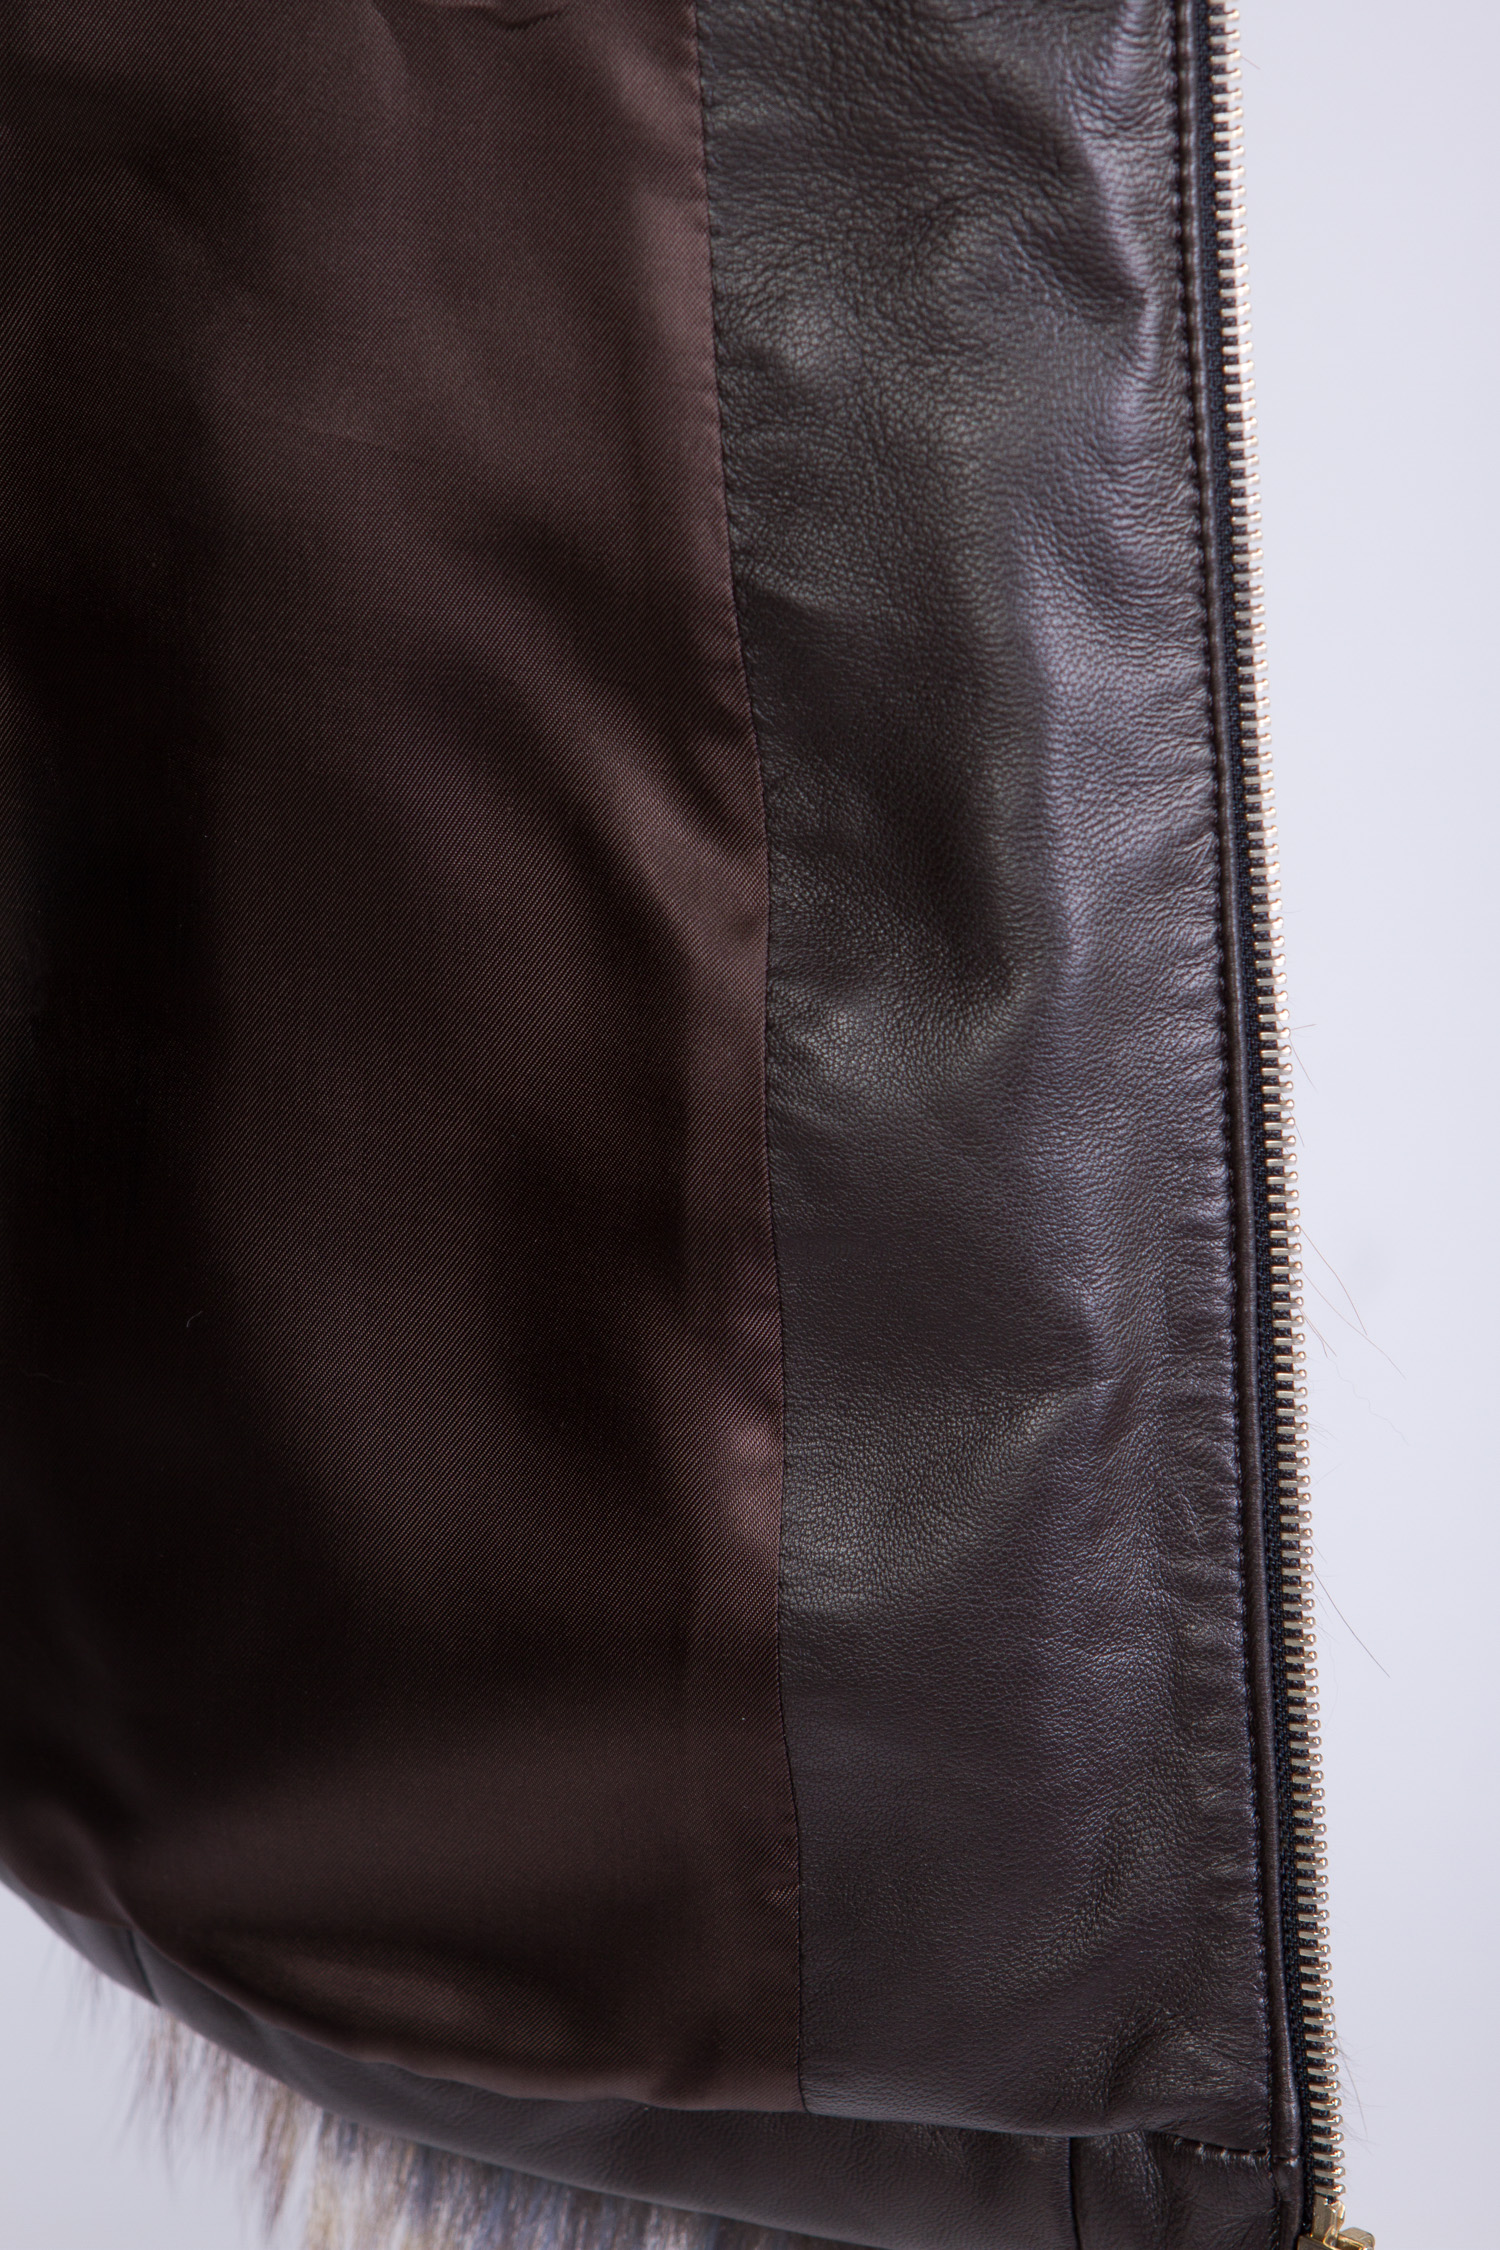 Женская кожаная куртка из натуральной кожи с воротником, отделка лиса от Московская Меховая Компания